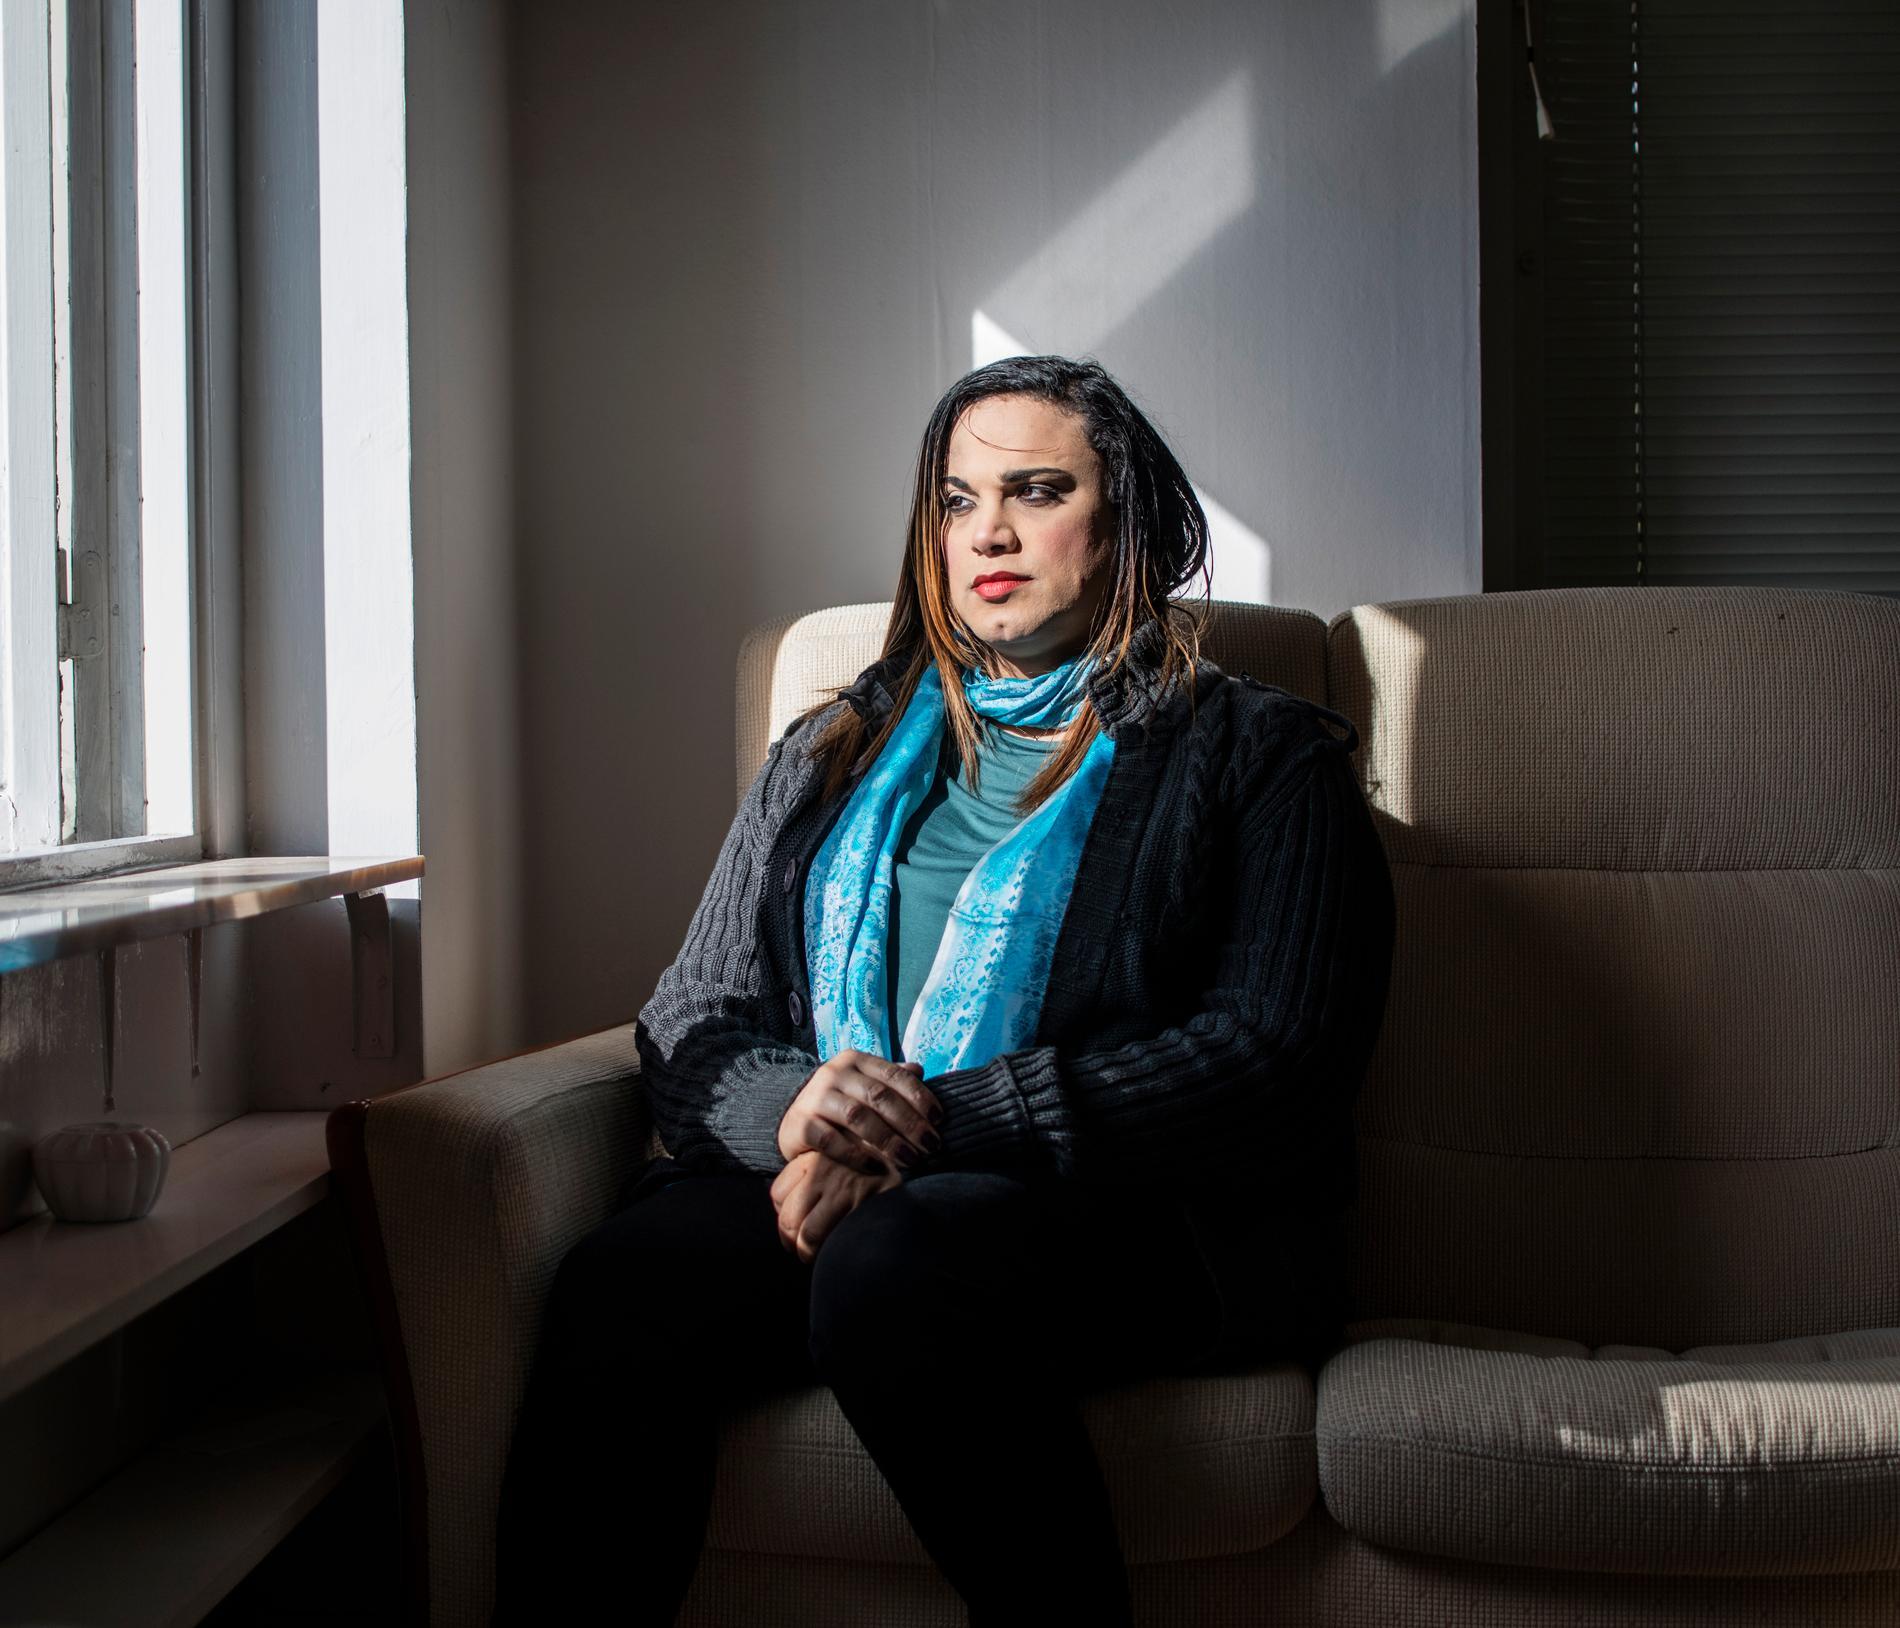 Trots Sumas redogörelse om överfall i Grekland som inte ska ha utretts av landets myndigheter, anser Migrationsverket inte att det är skäl nog för att hon ska få stanna i Sverige.